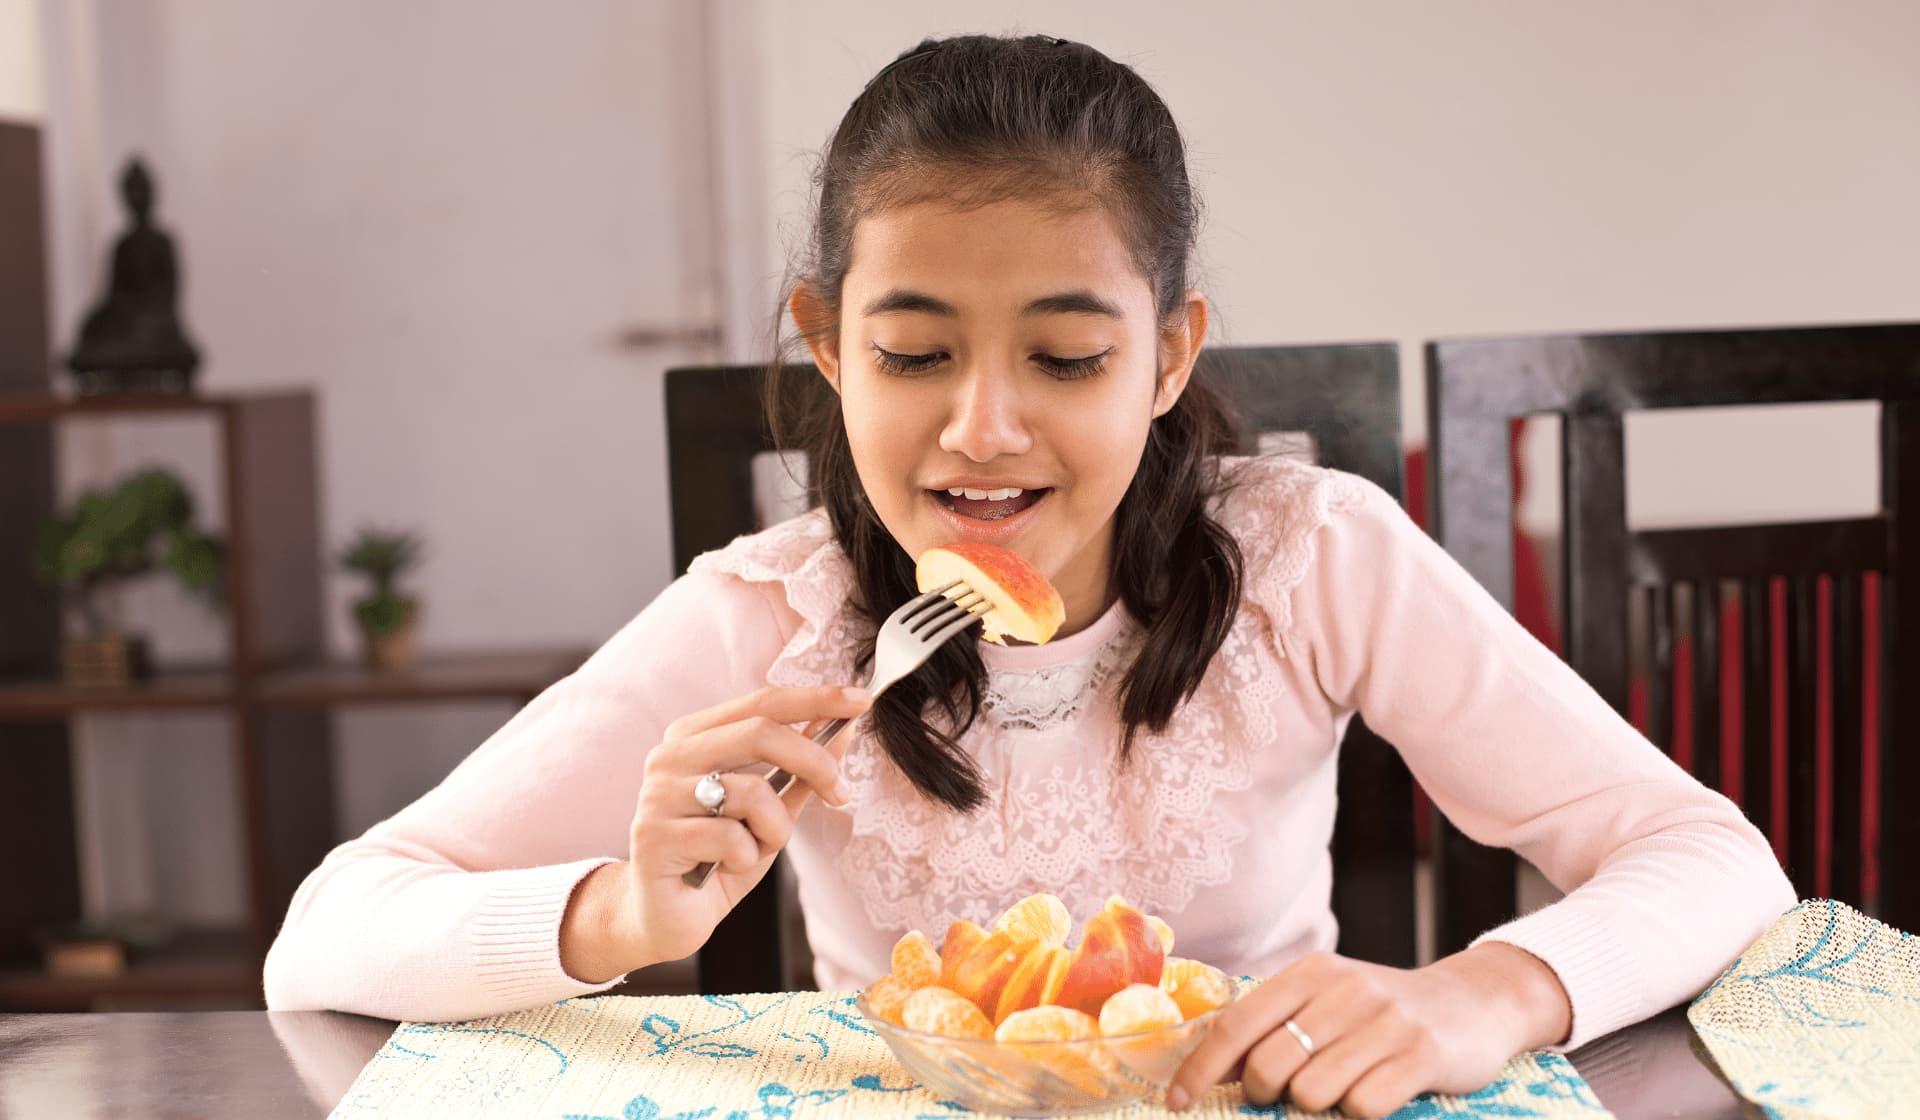 Children are more susceptible to illnesses